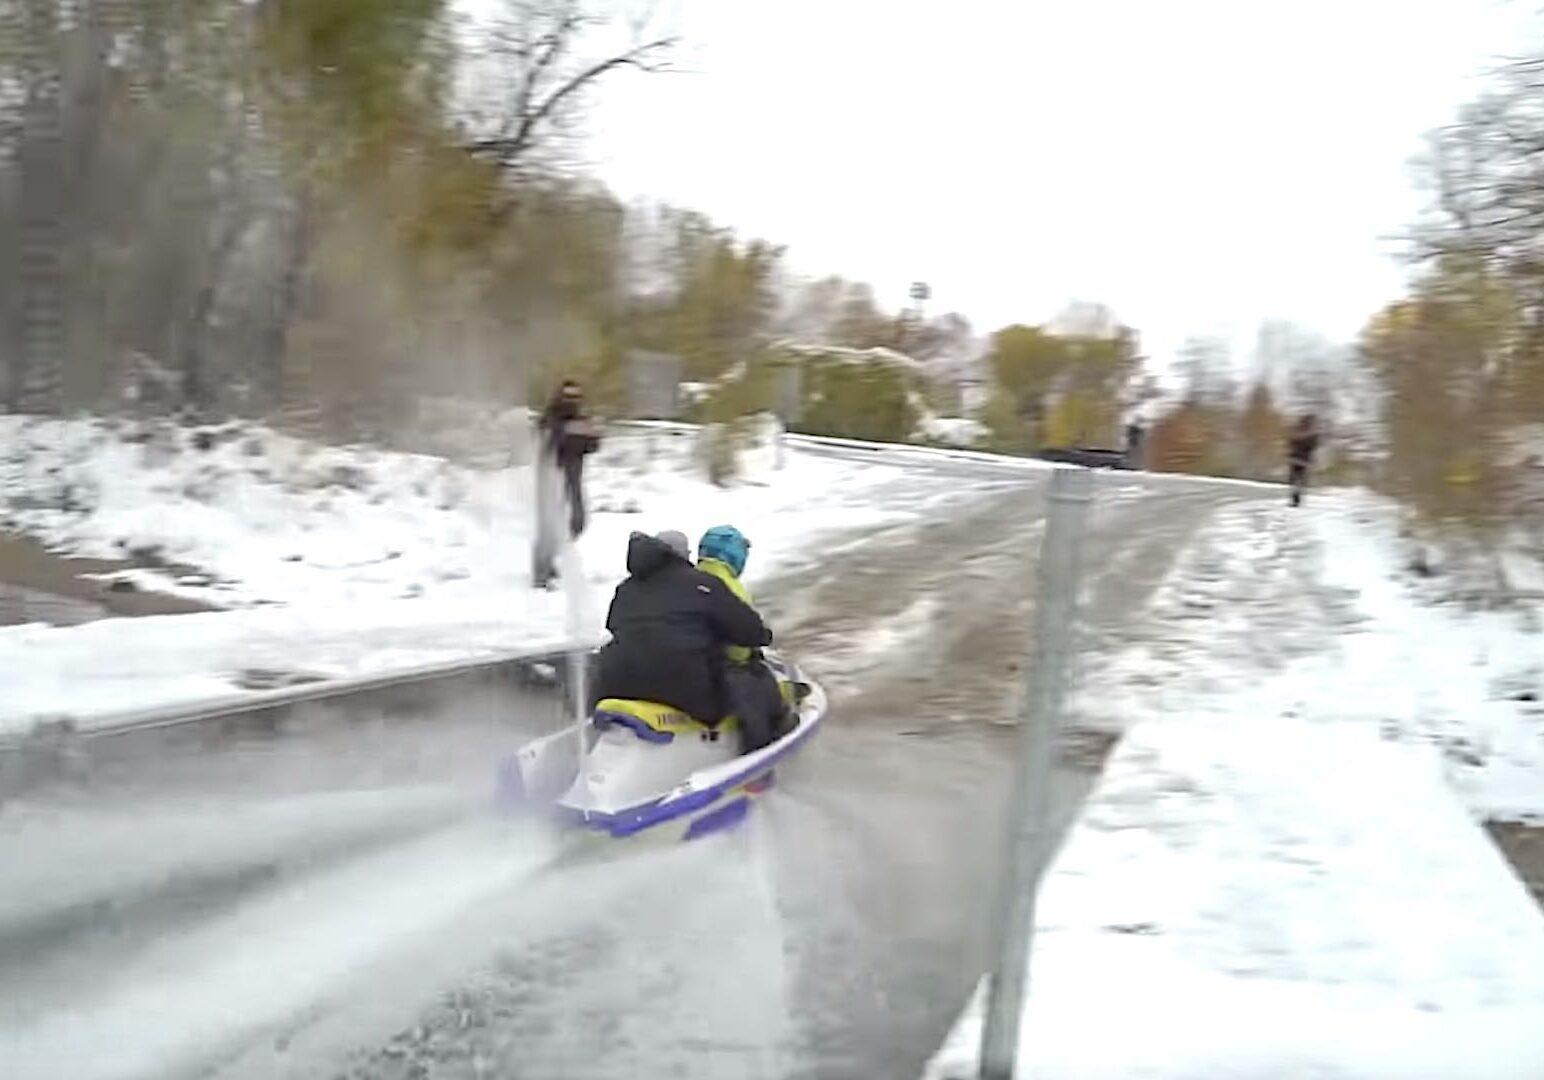 Vattensport som vintersport